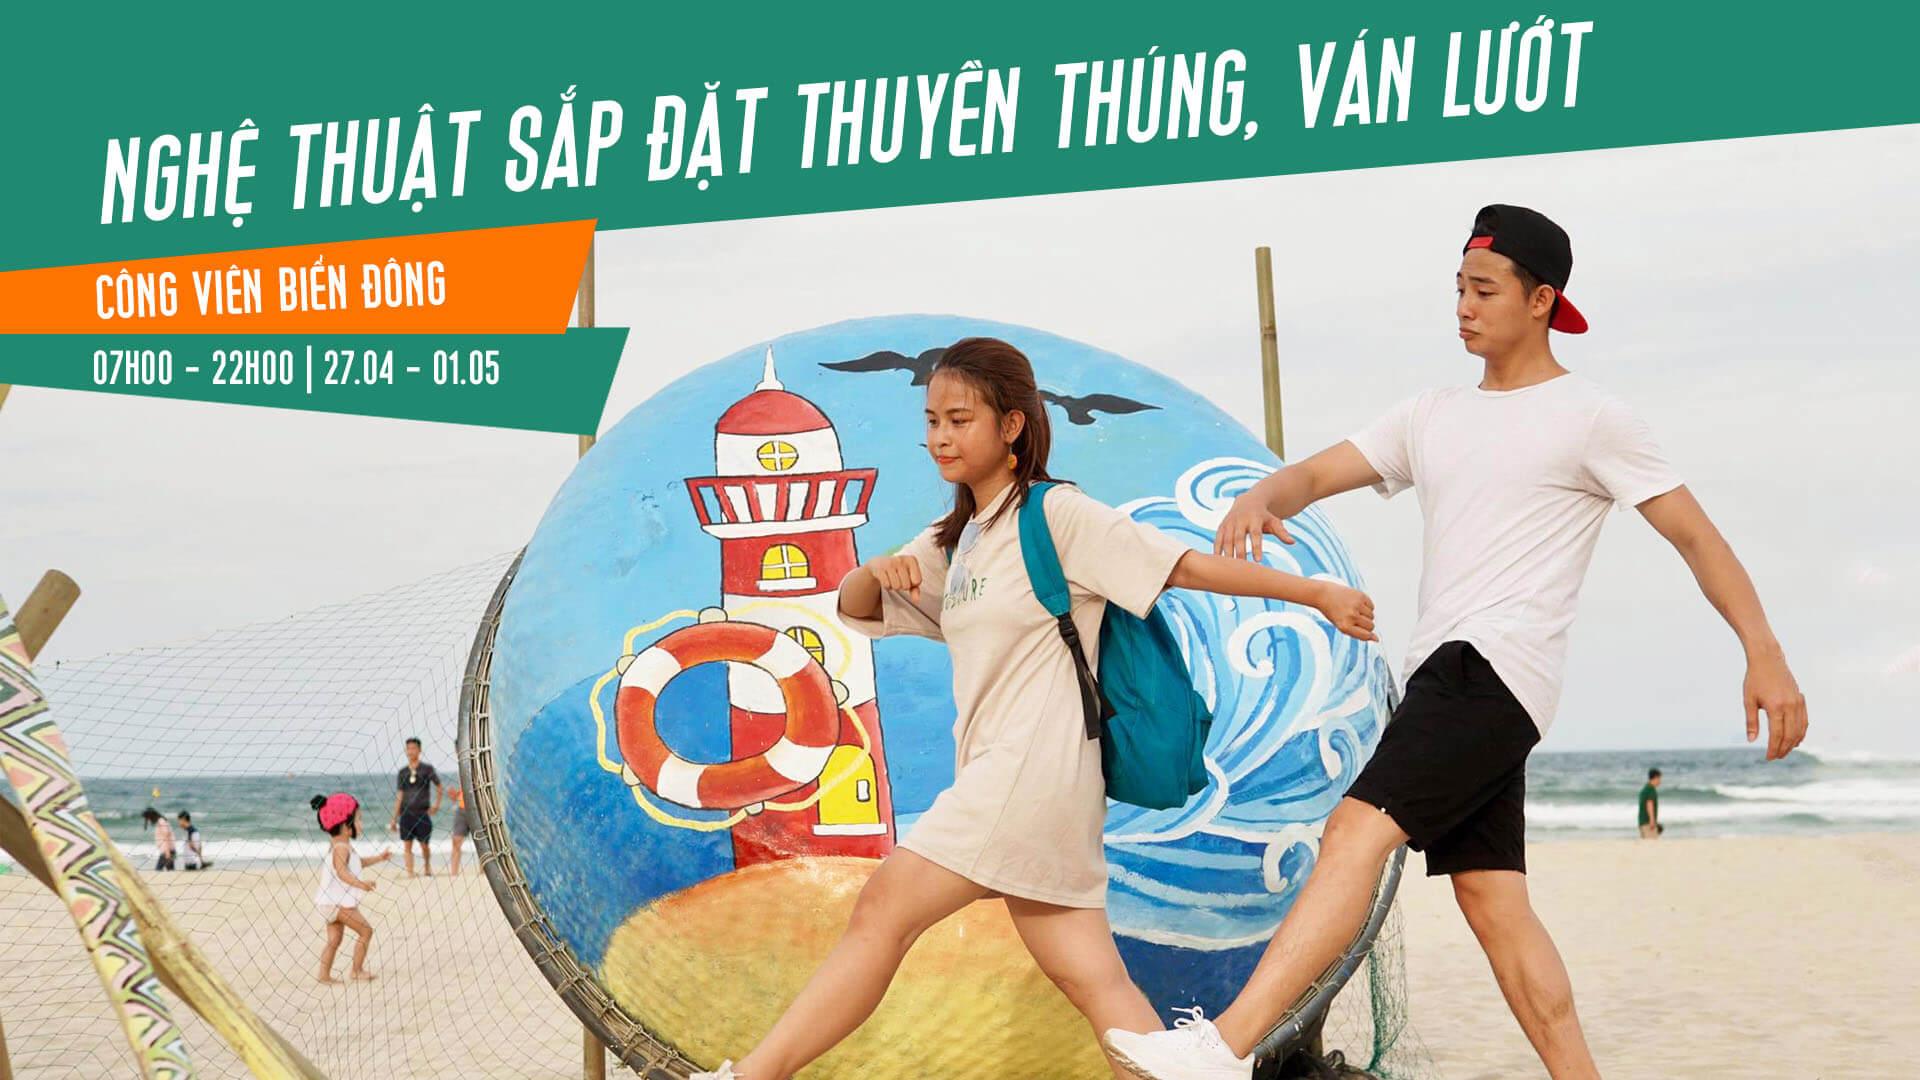 Chi tiết chương trình Khai trương mùa Du lịch biển Đà Nẵng 2018 1